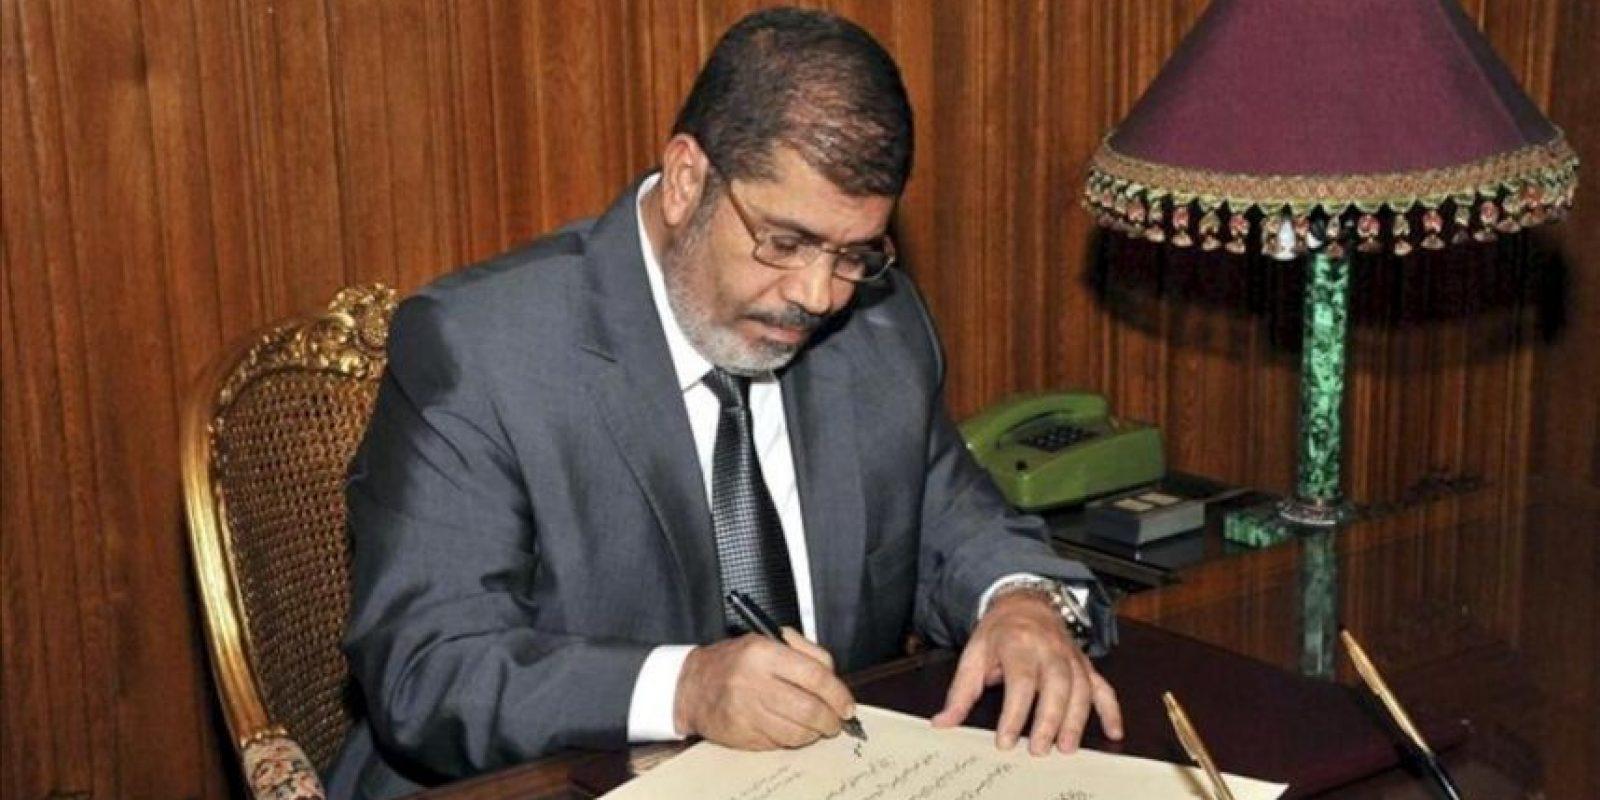 """Imagen cedida por la presidencia de Egipto el 26 de diciembre del 2012 muestra al presidente Mohamed Mursi firmando un decreto para aprobar la nueva Constitución, en El Cairo, Egipto, el 25 de diciembre del 2012, tras un referéndum popular con el 63,8% de los votos al """"sí"""". EFE/Presidencia de Egipto"""